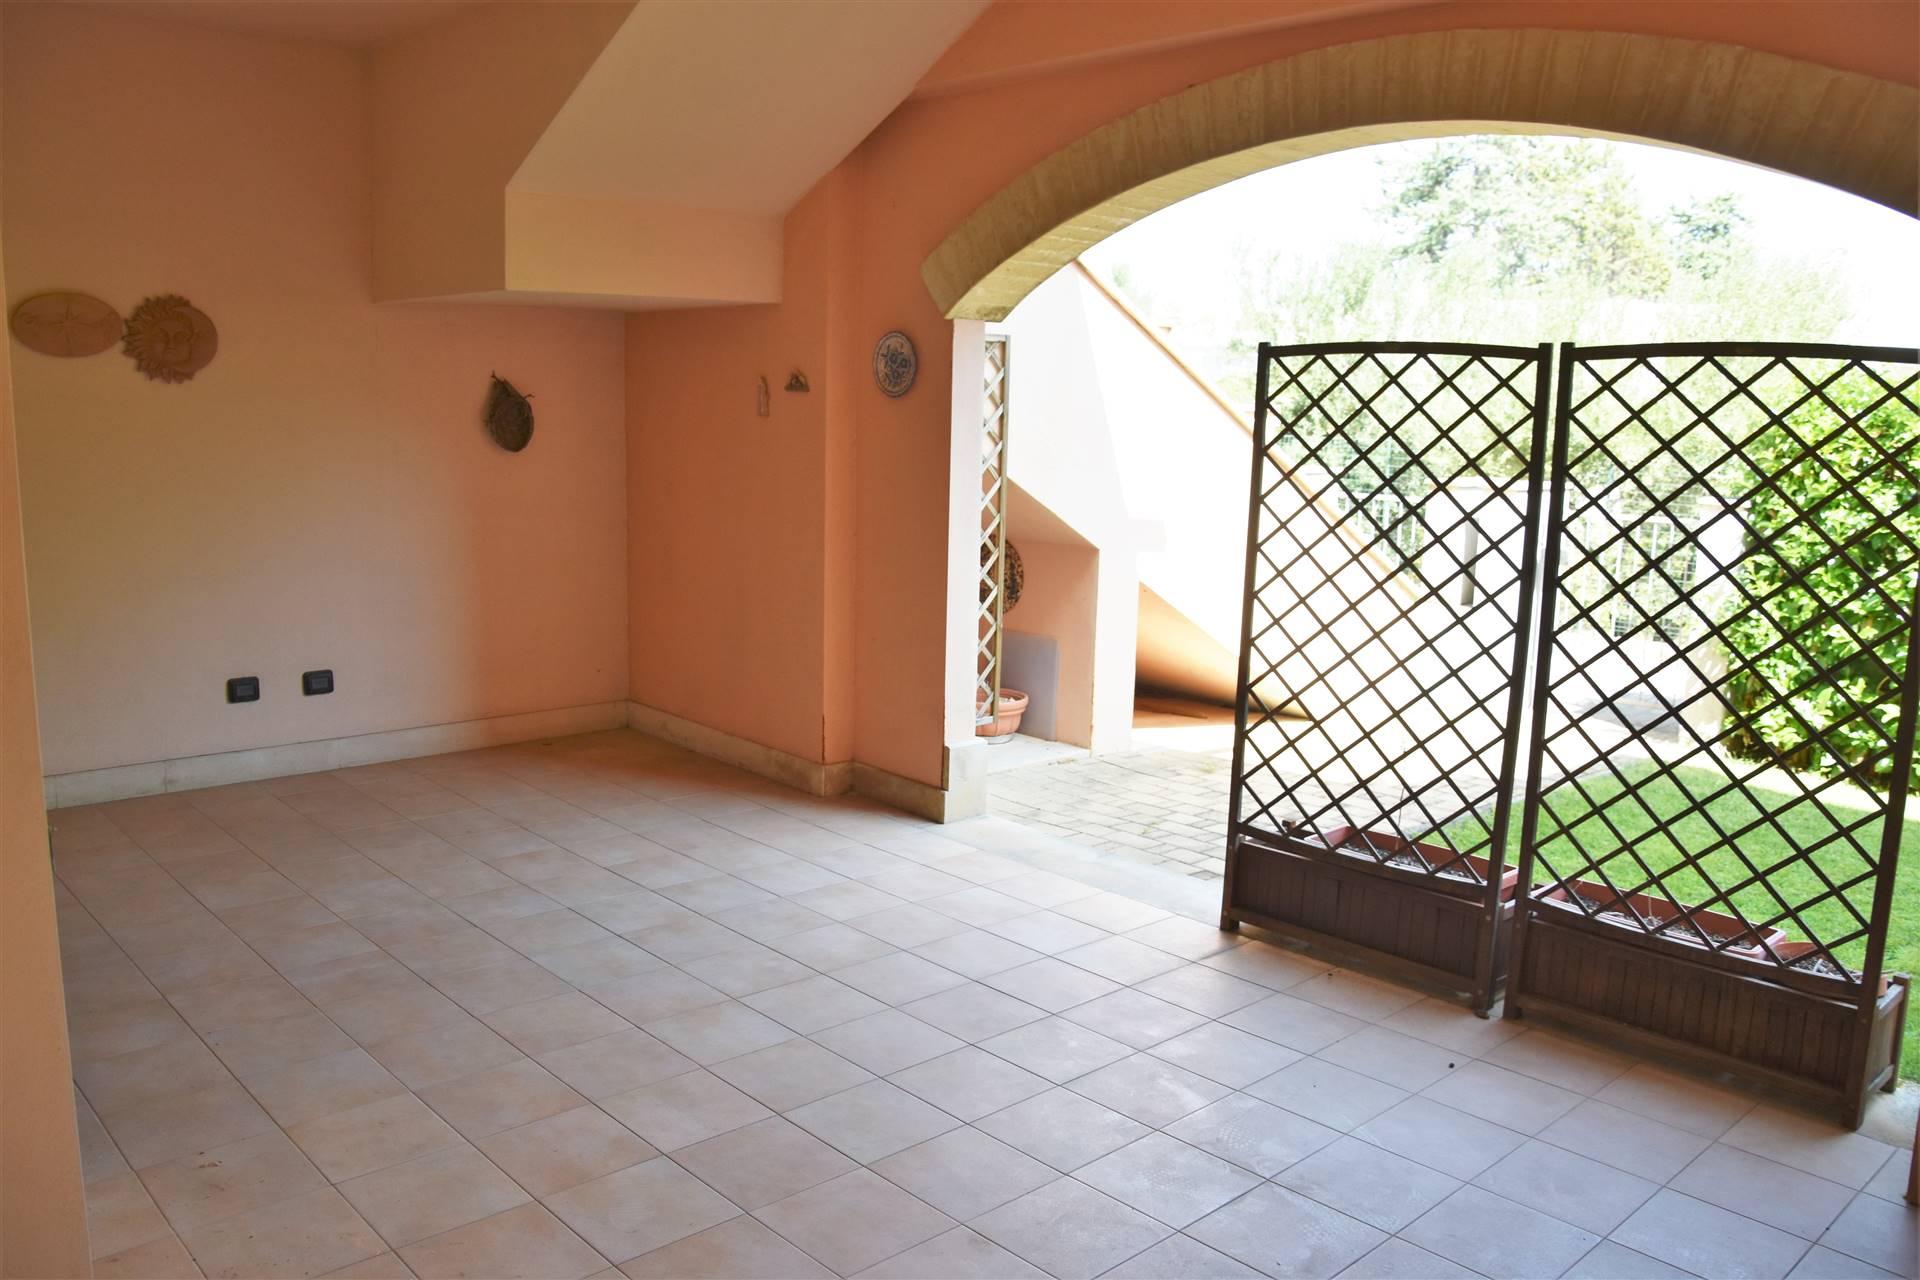 Appartamento in vendita a Policoro, 3 locali, zona Località: LIDO DI POLICORO, prezzo € 135.000   PortaleAgenzieImmobiliari.it